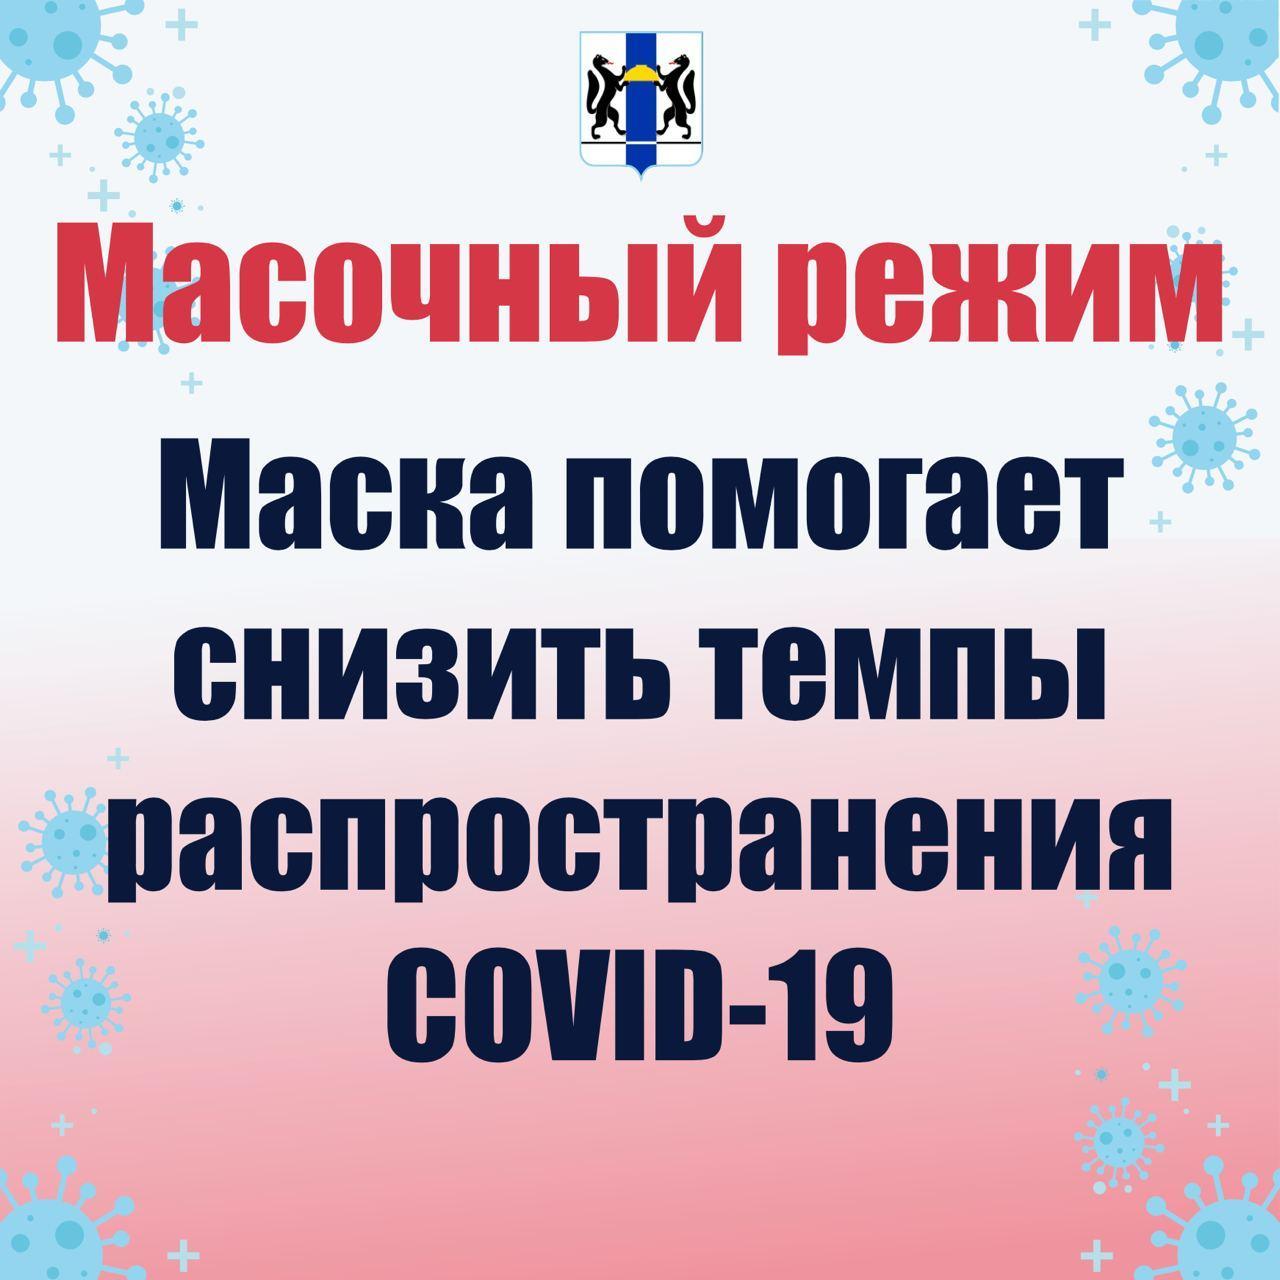 фото Масочный режим в Новосибирске в пяти картинках 2